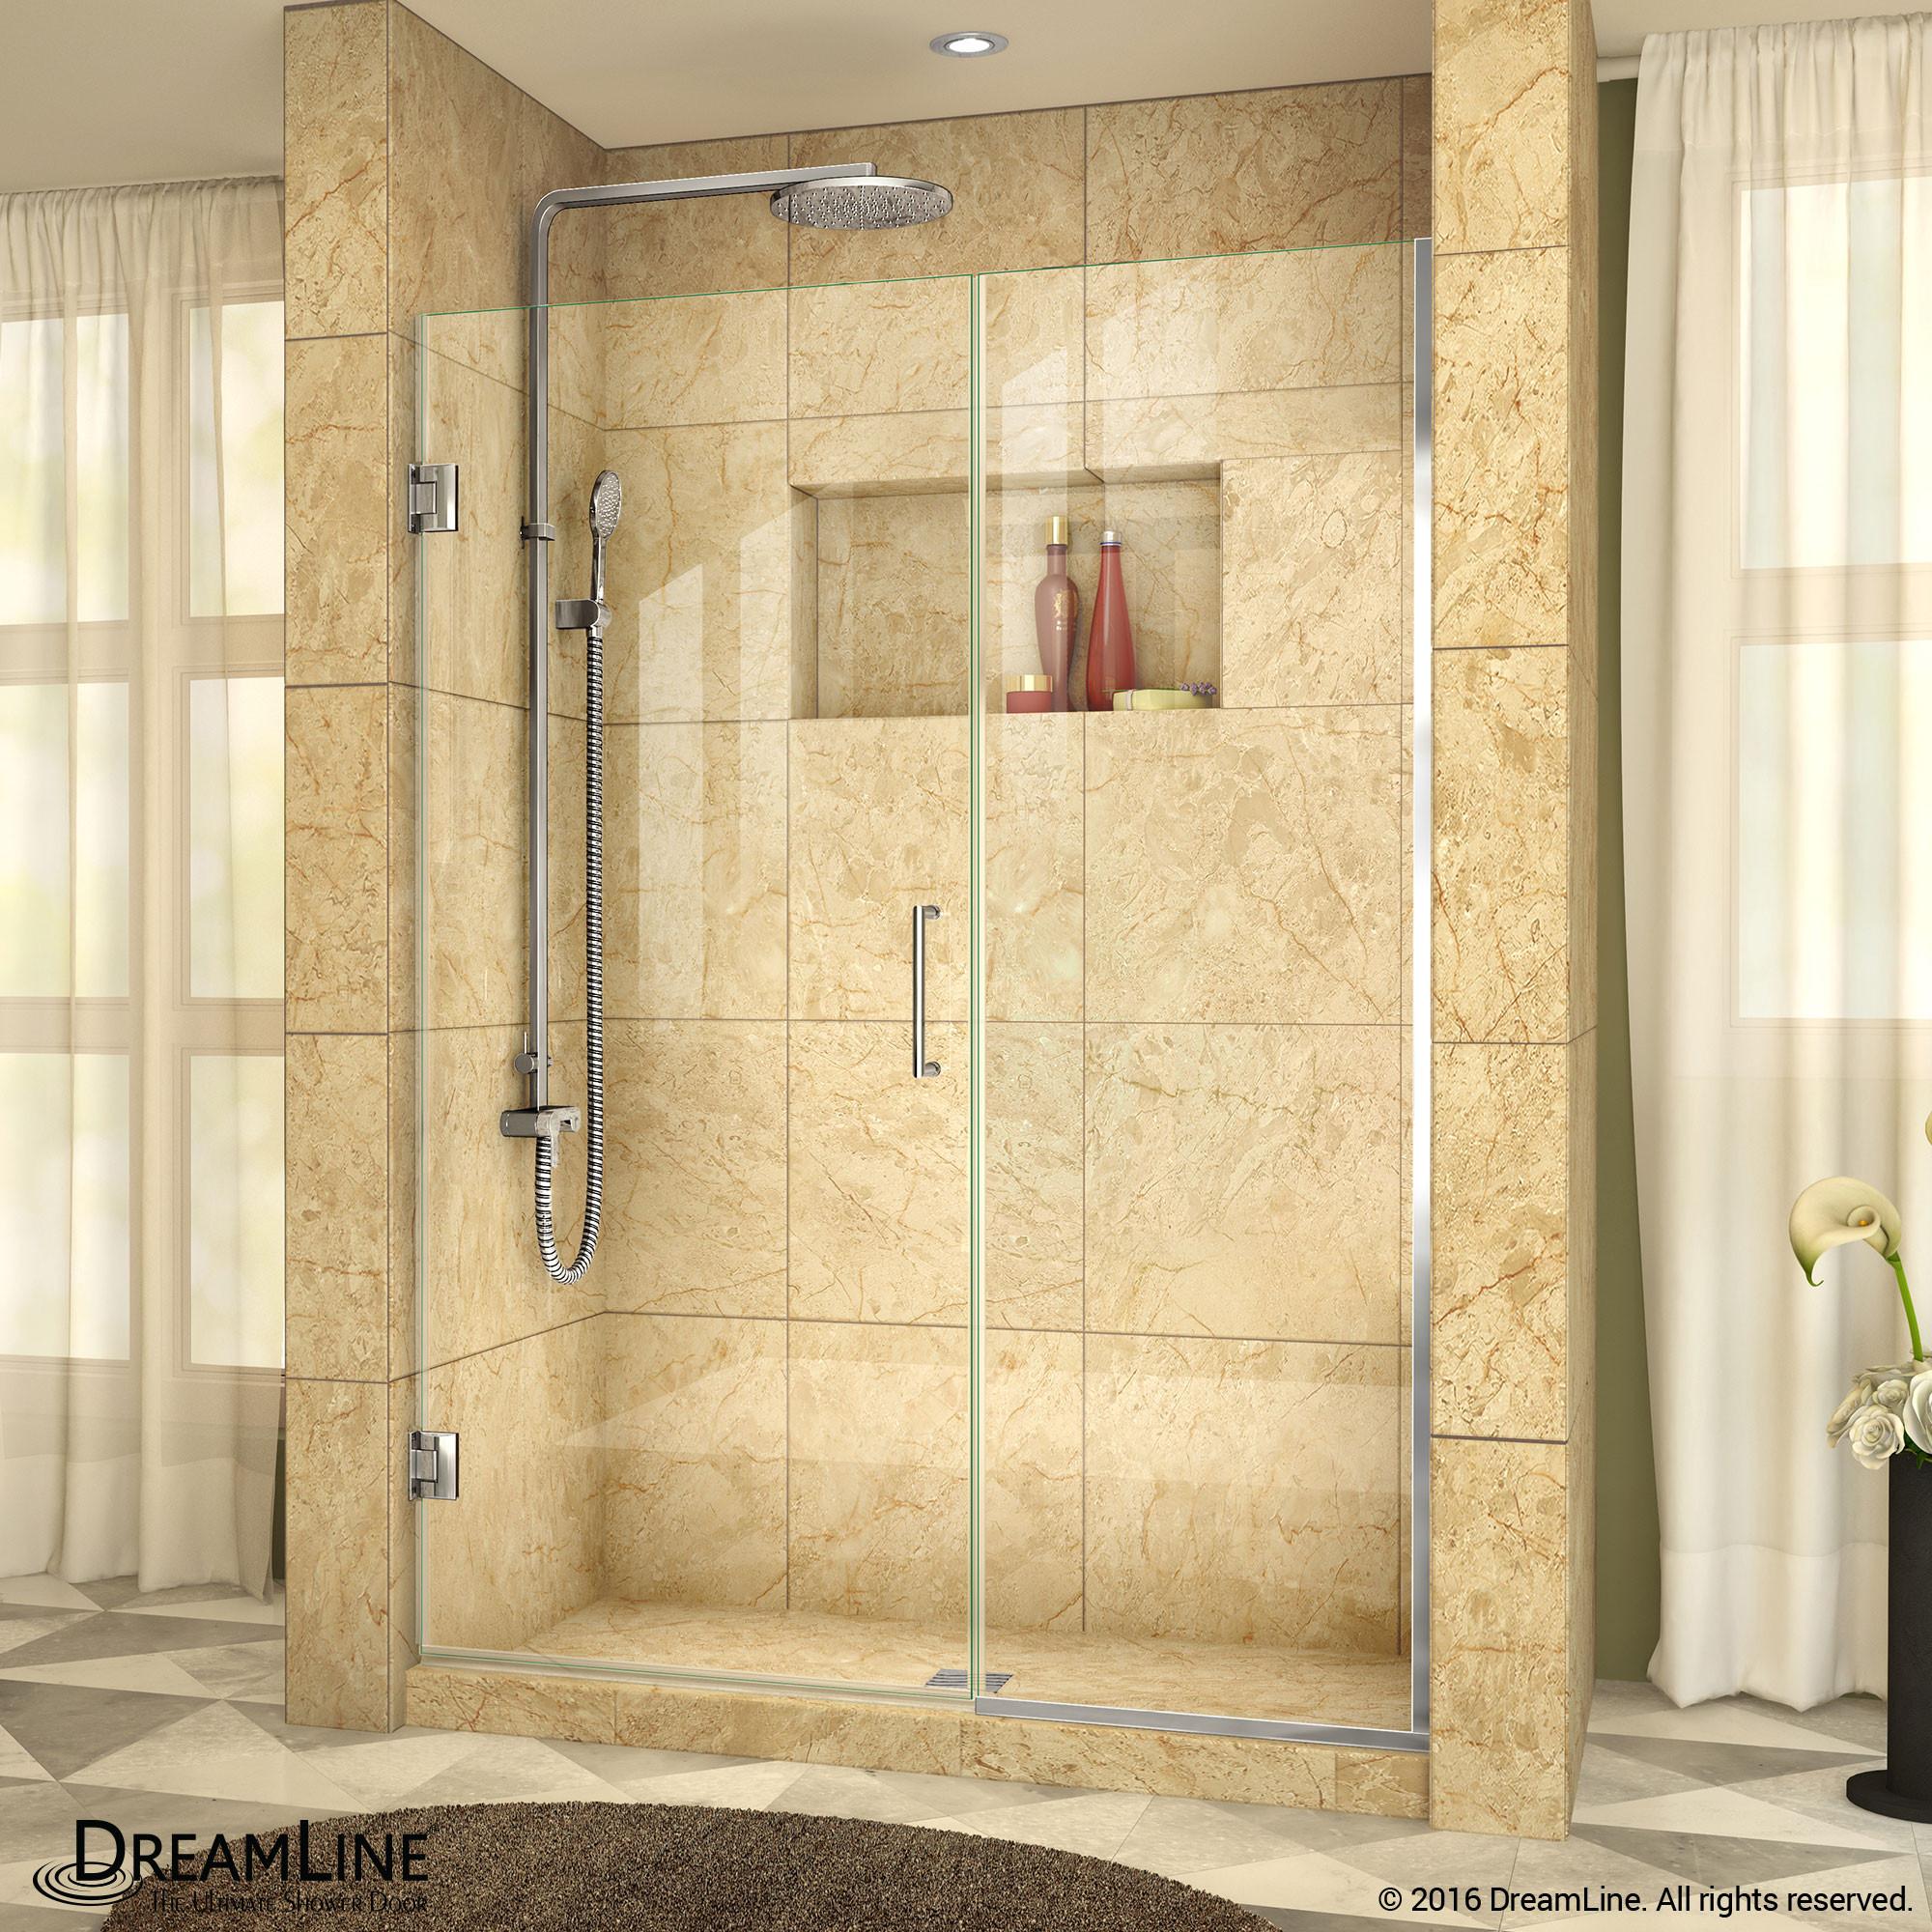 DreamLine SHDR-244457210-01 Unidoor Plus Min 44-1/2 in. Hinged Shower Door In Chrome Hardware